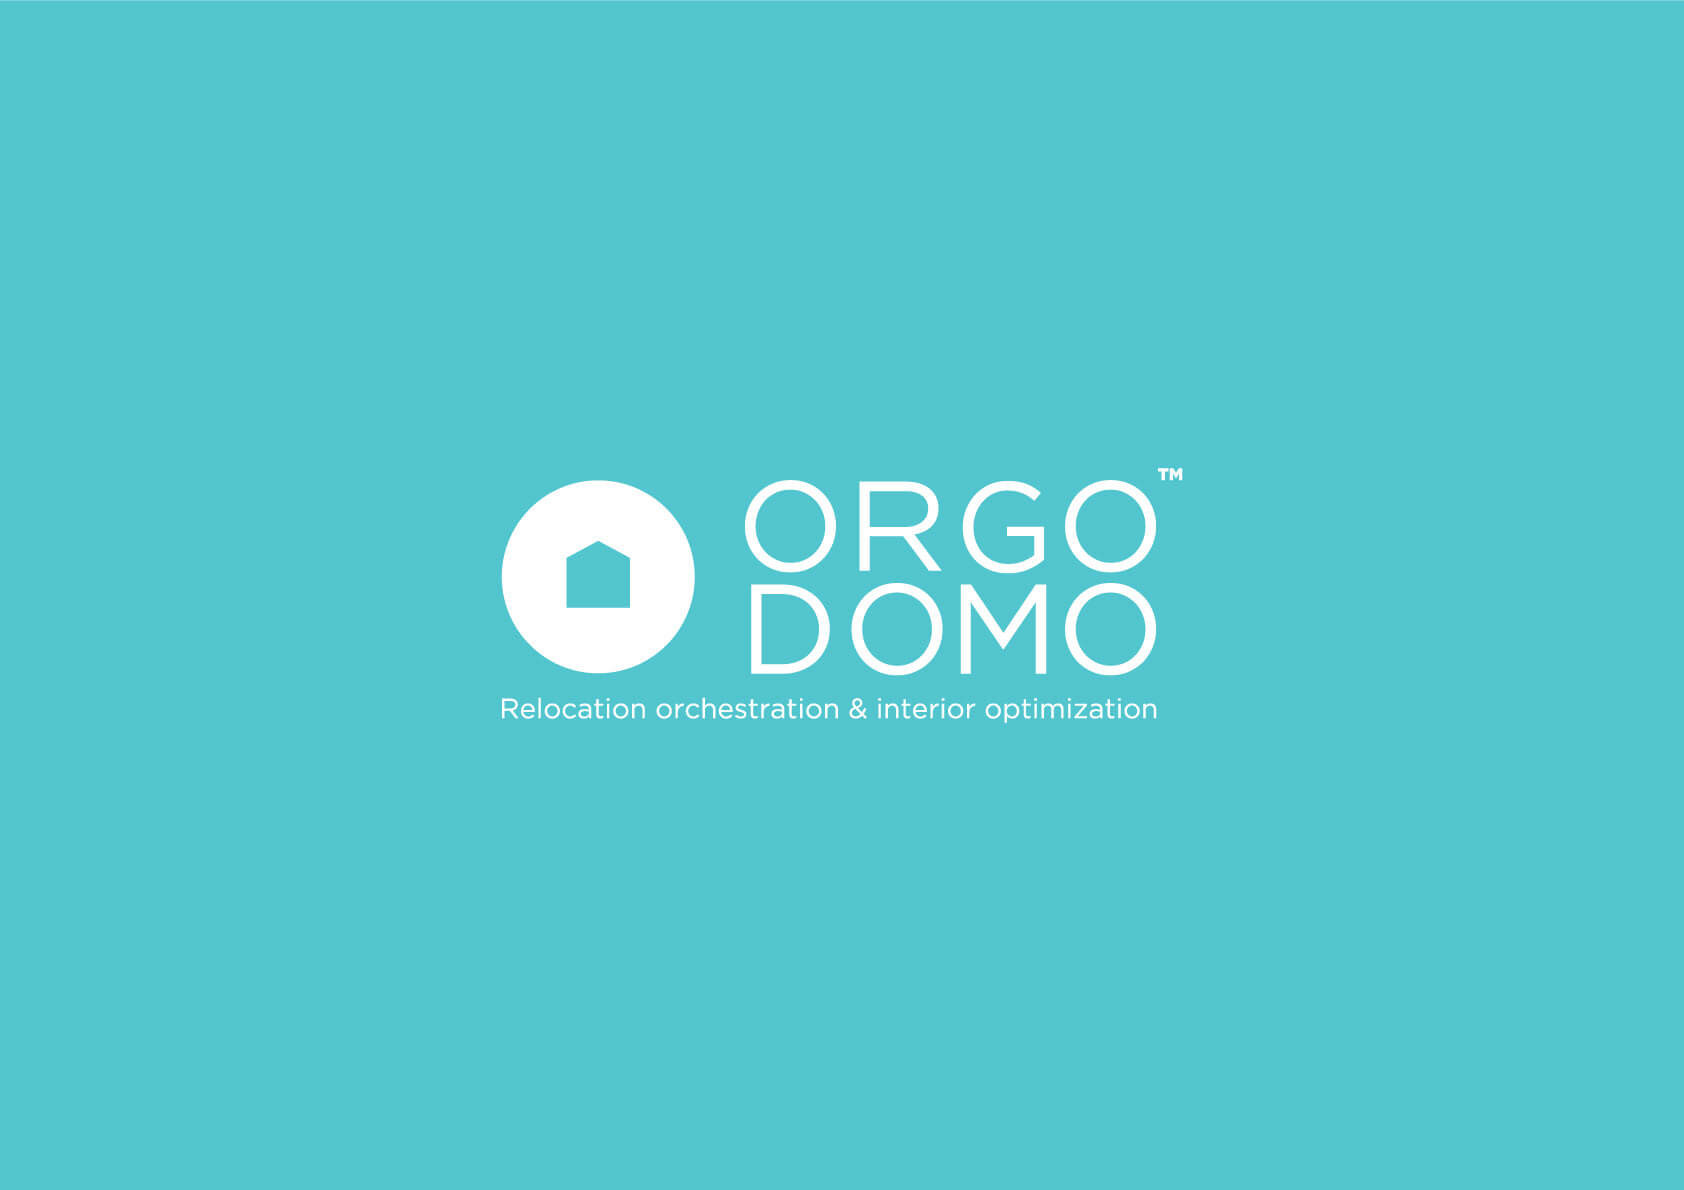 orgodomo-logo-white